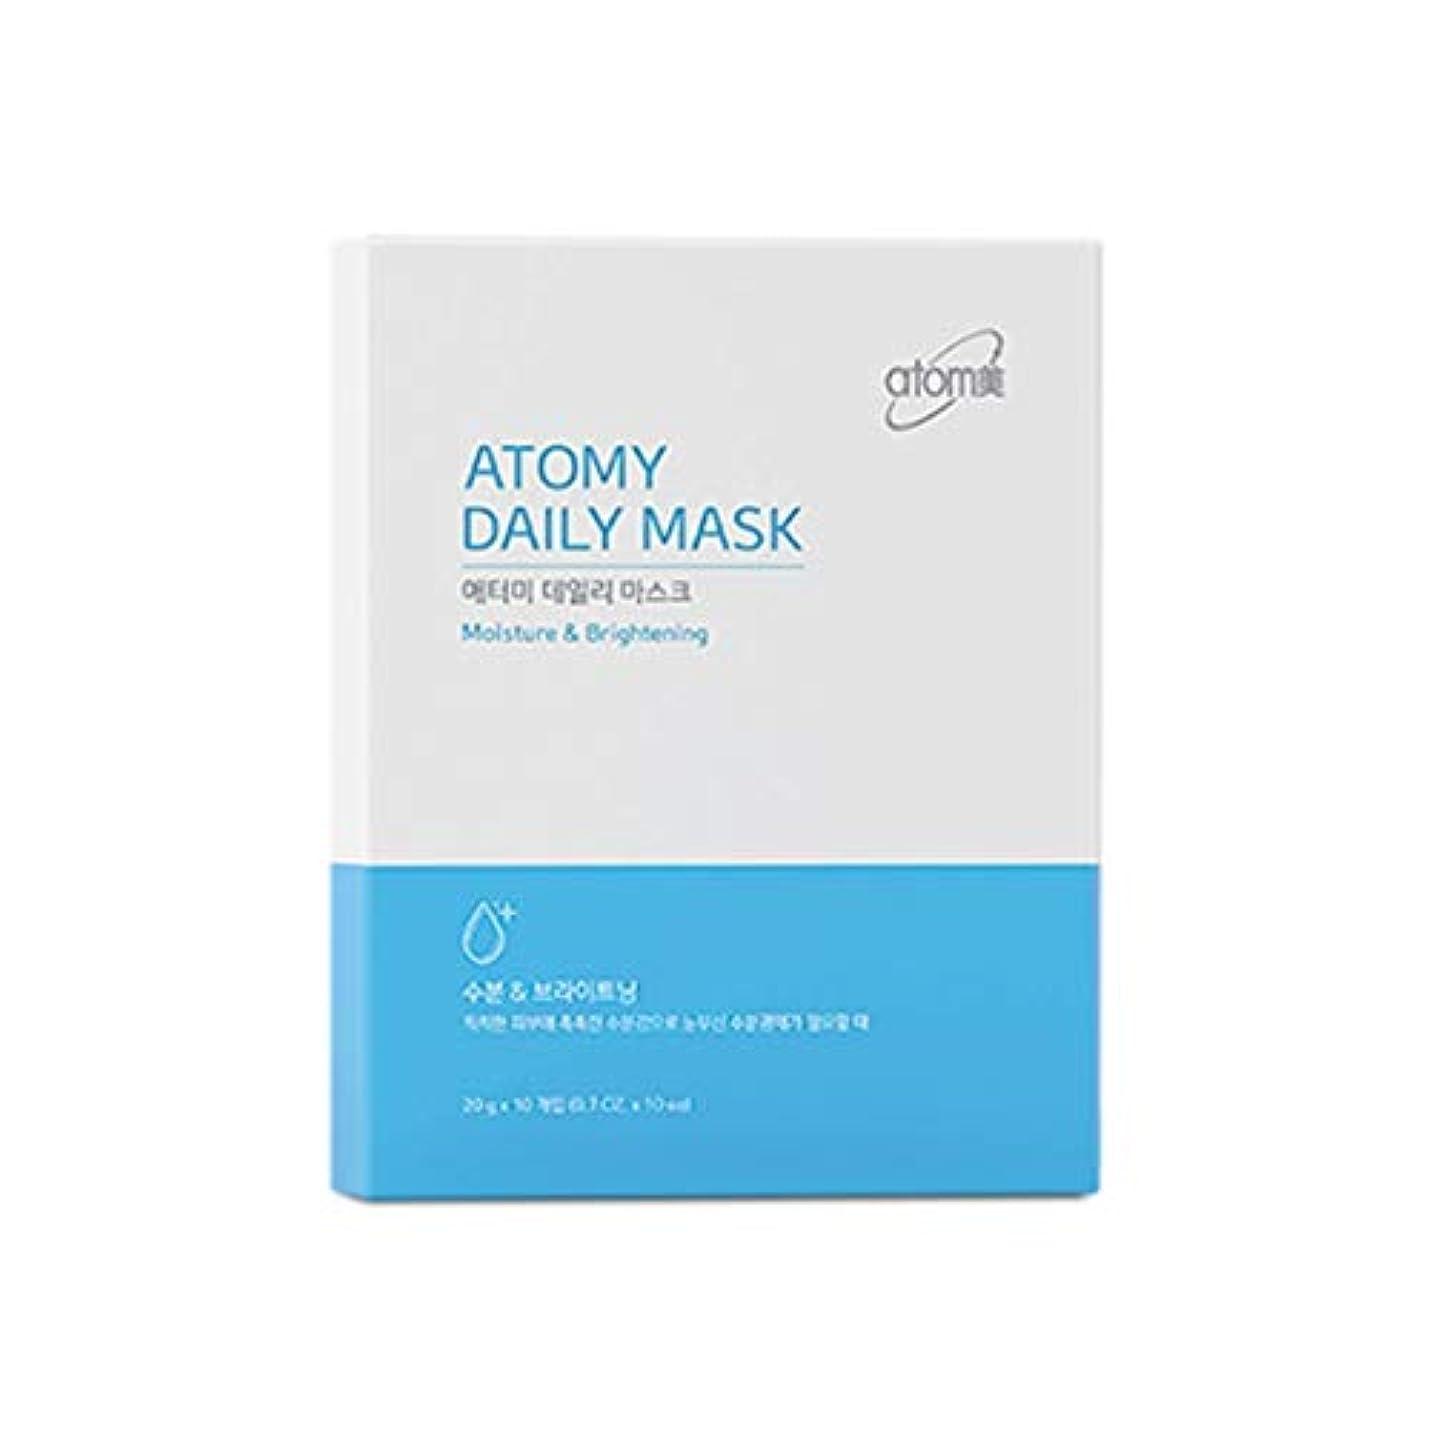 主張明快告白する[NEW] Atomy Daily Mask Sheet 10 Pack- Moisture & Brightening アトミ 自然由来の成分と4つの特許成分マスクパック(並行輸入品)